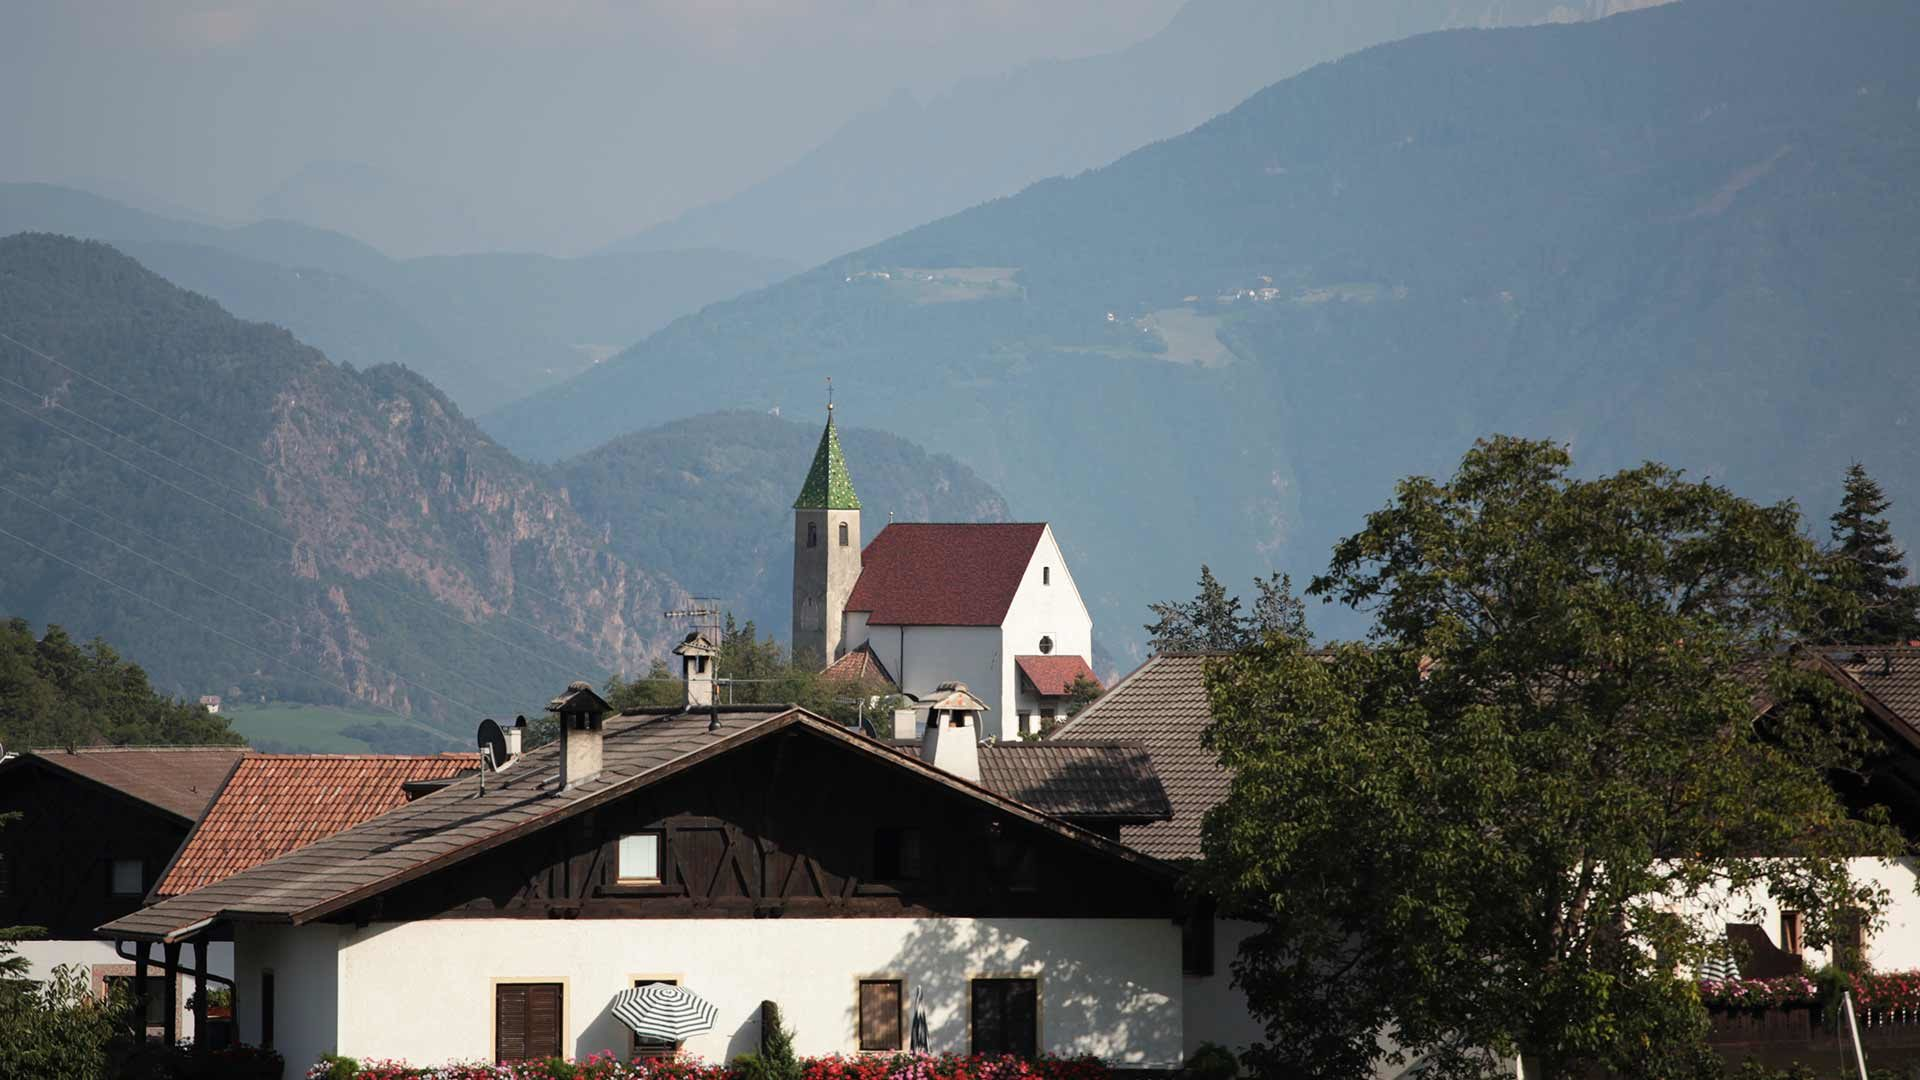 Località di villeggiatura Tesimo - Prissiano